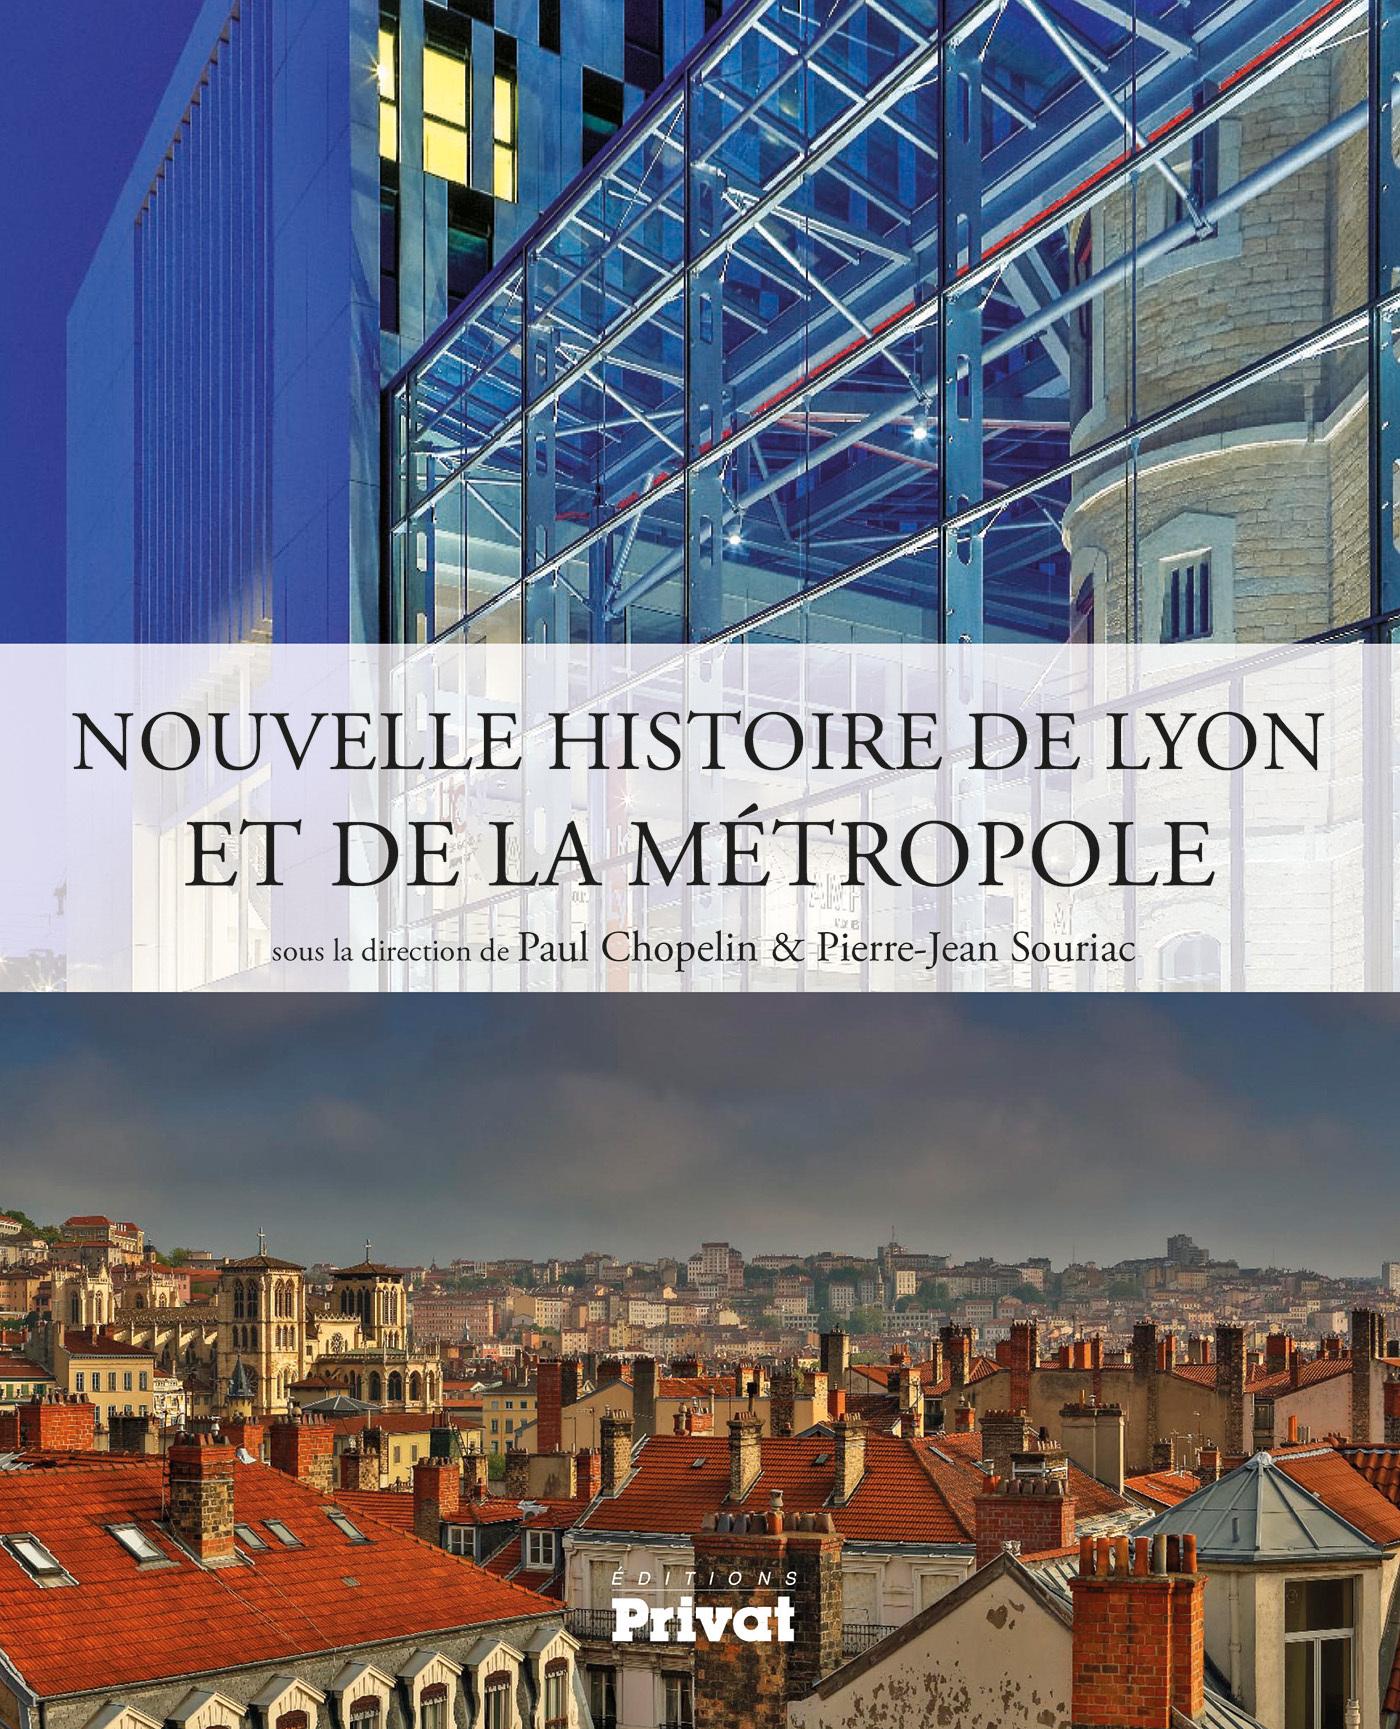 NOUVELLE HISTOIRE DE LYON ET DE LA METROPOLE